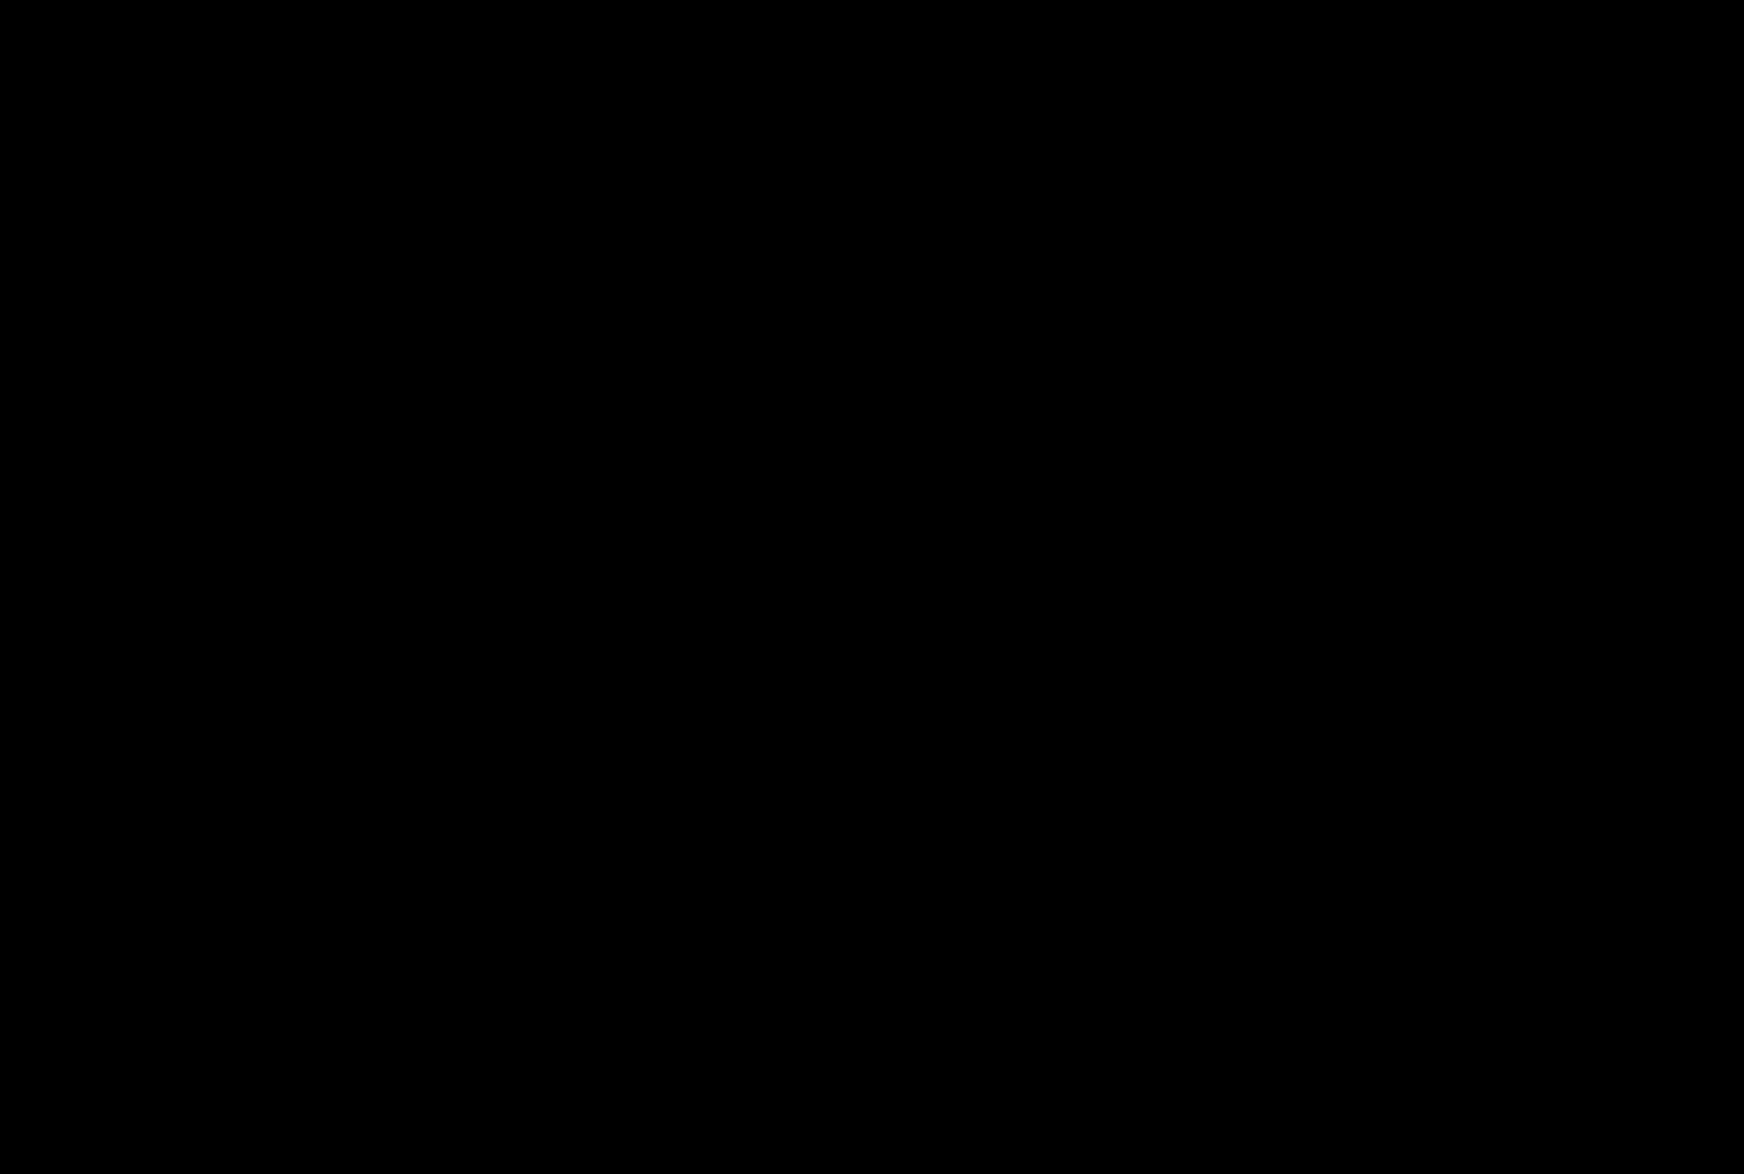 dsc2850